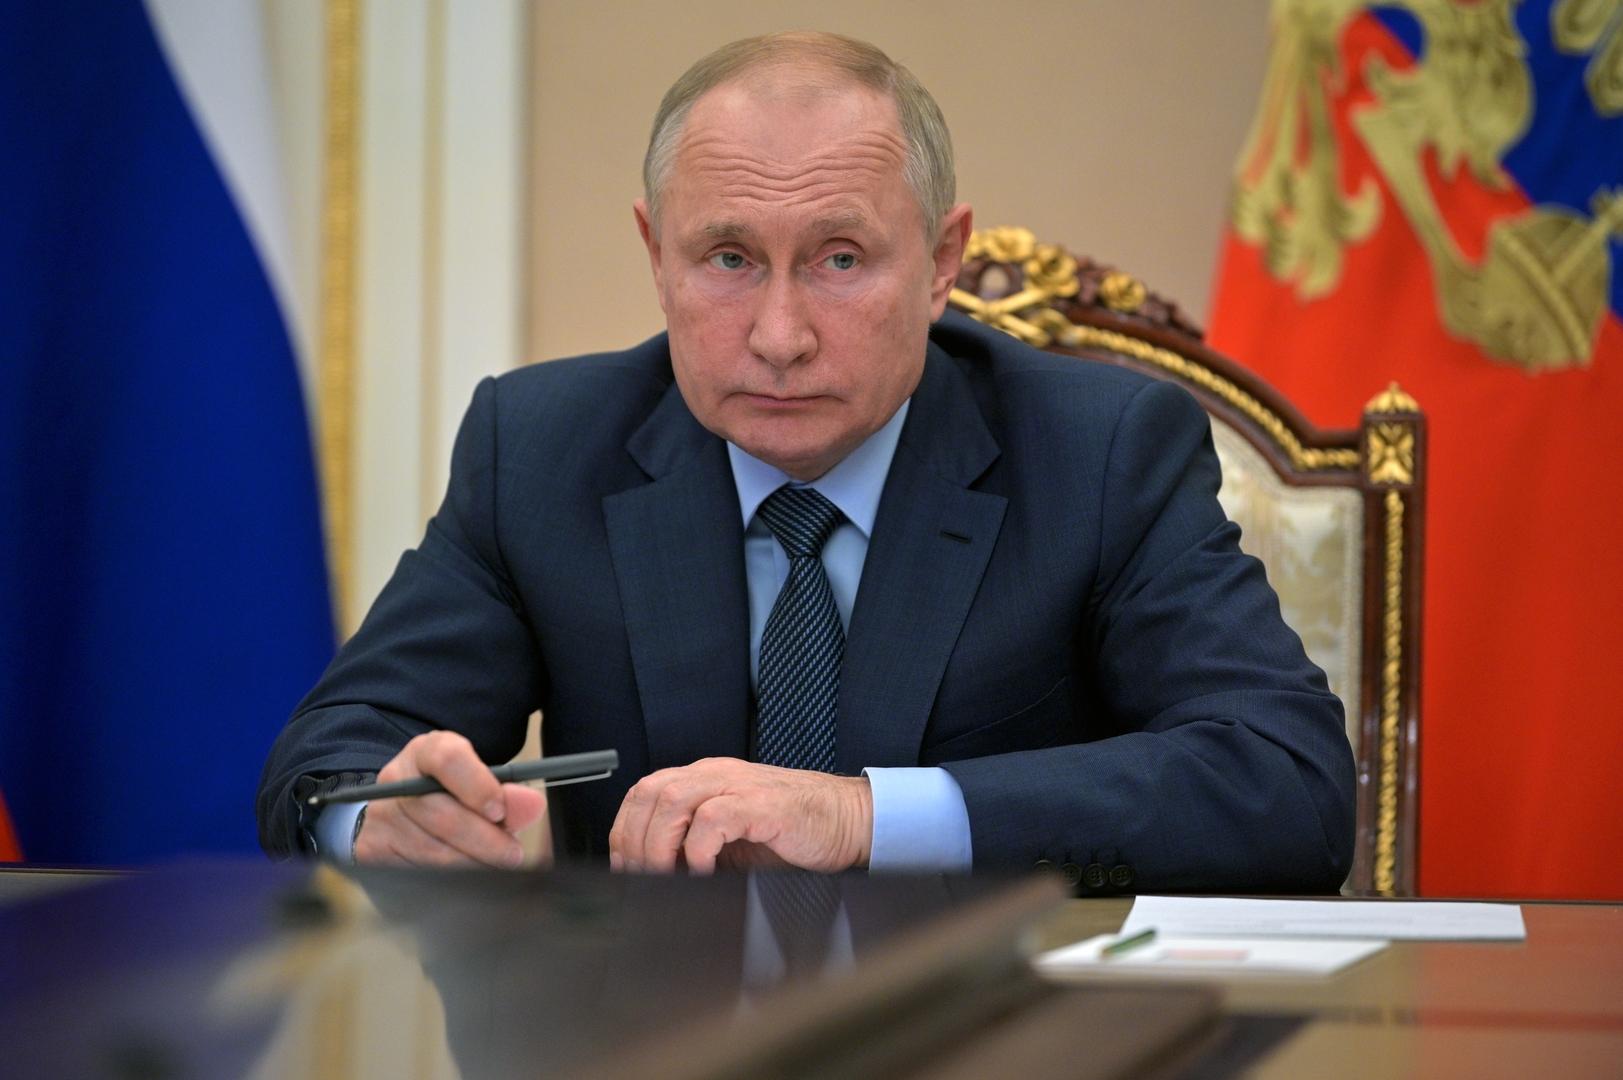 بوتين: من مصلحتنا عدم حدوث أي تقلبات في الولايات المتحدة